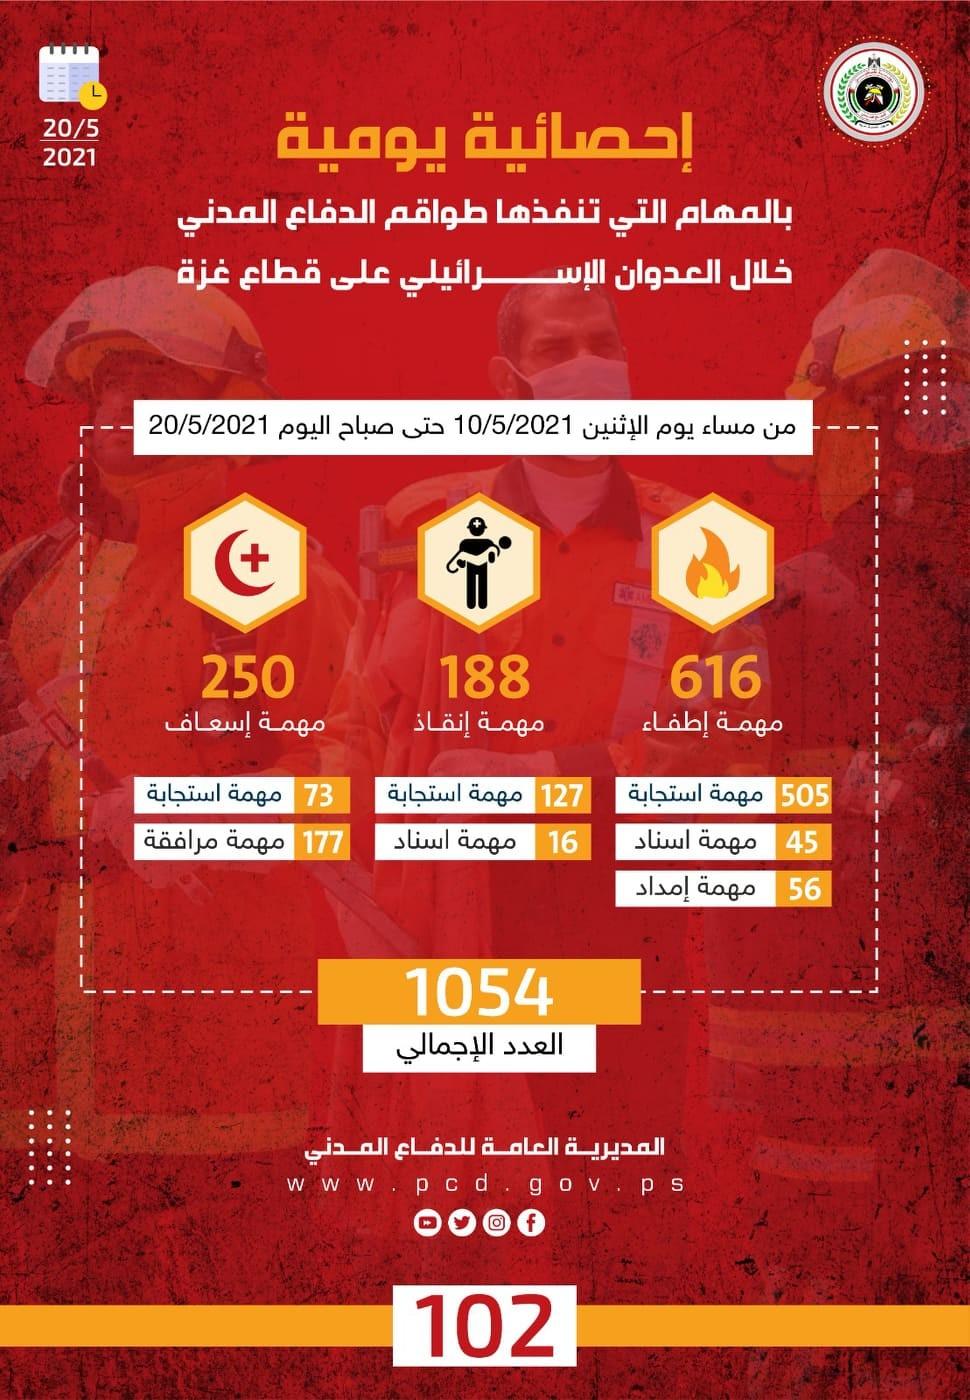 الدفاع المدني يُصدر إحصائية يومية بالمهام التي نفذها خلال العدوان الإسرائيلي على غزة